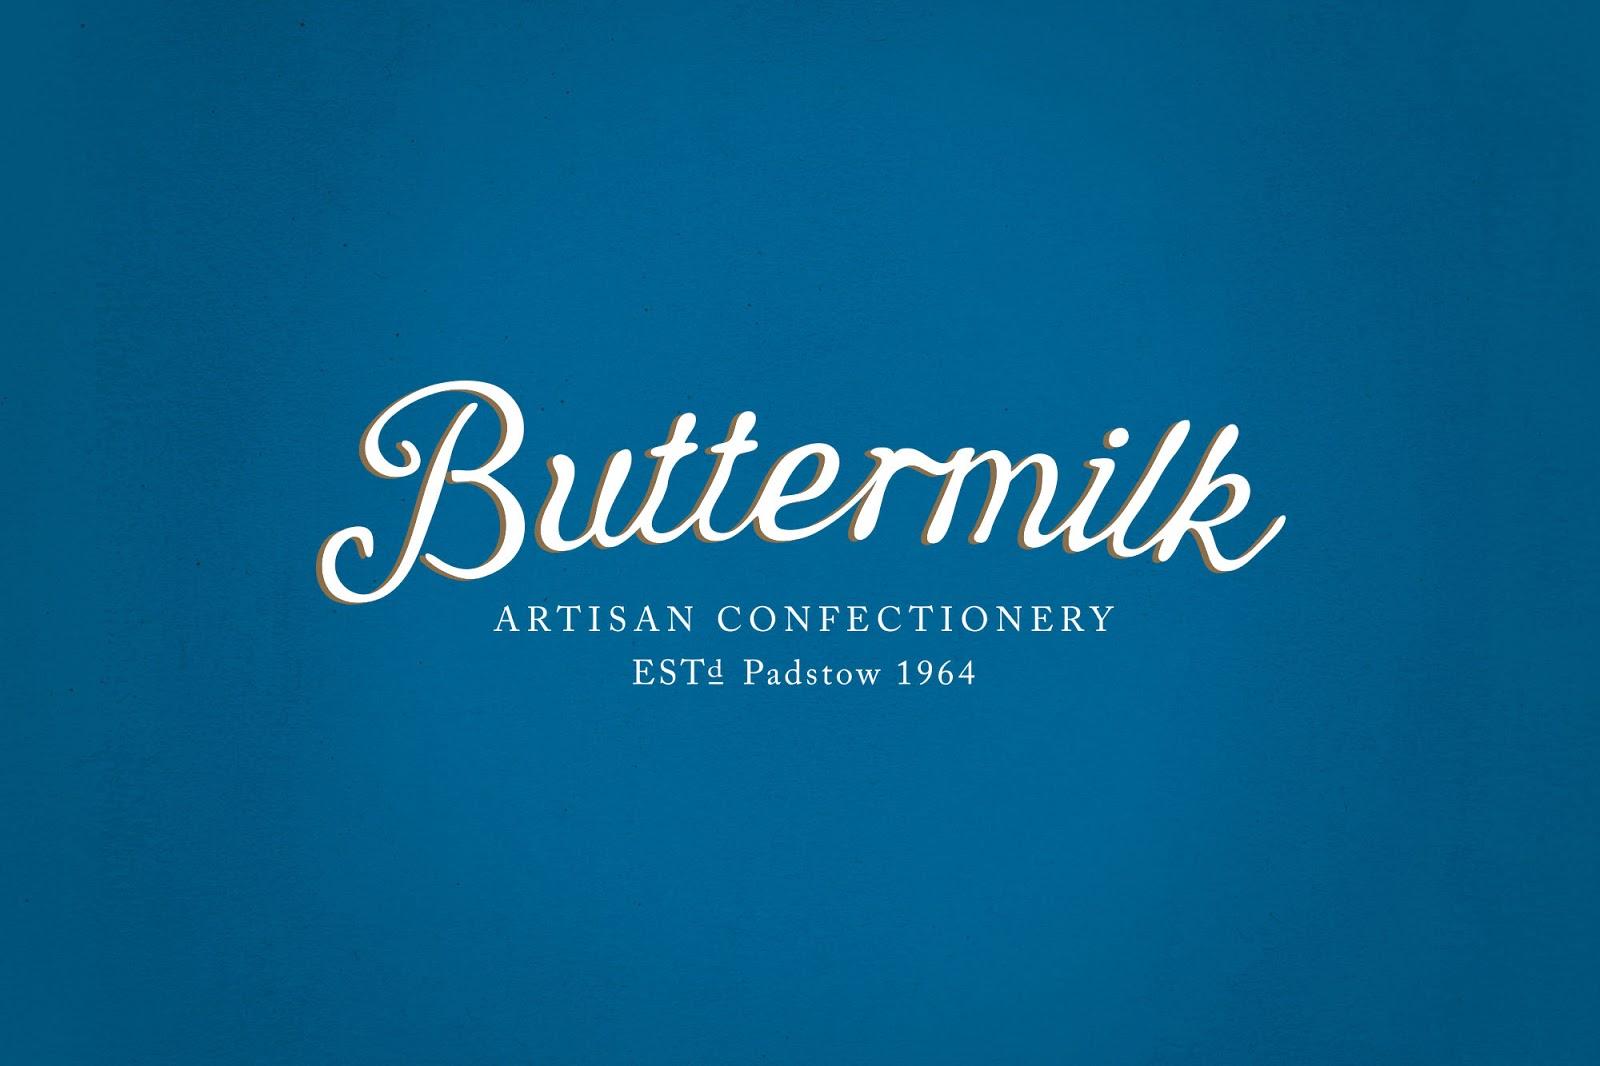 rgb.vn_buttermilk-packaging_01